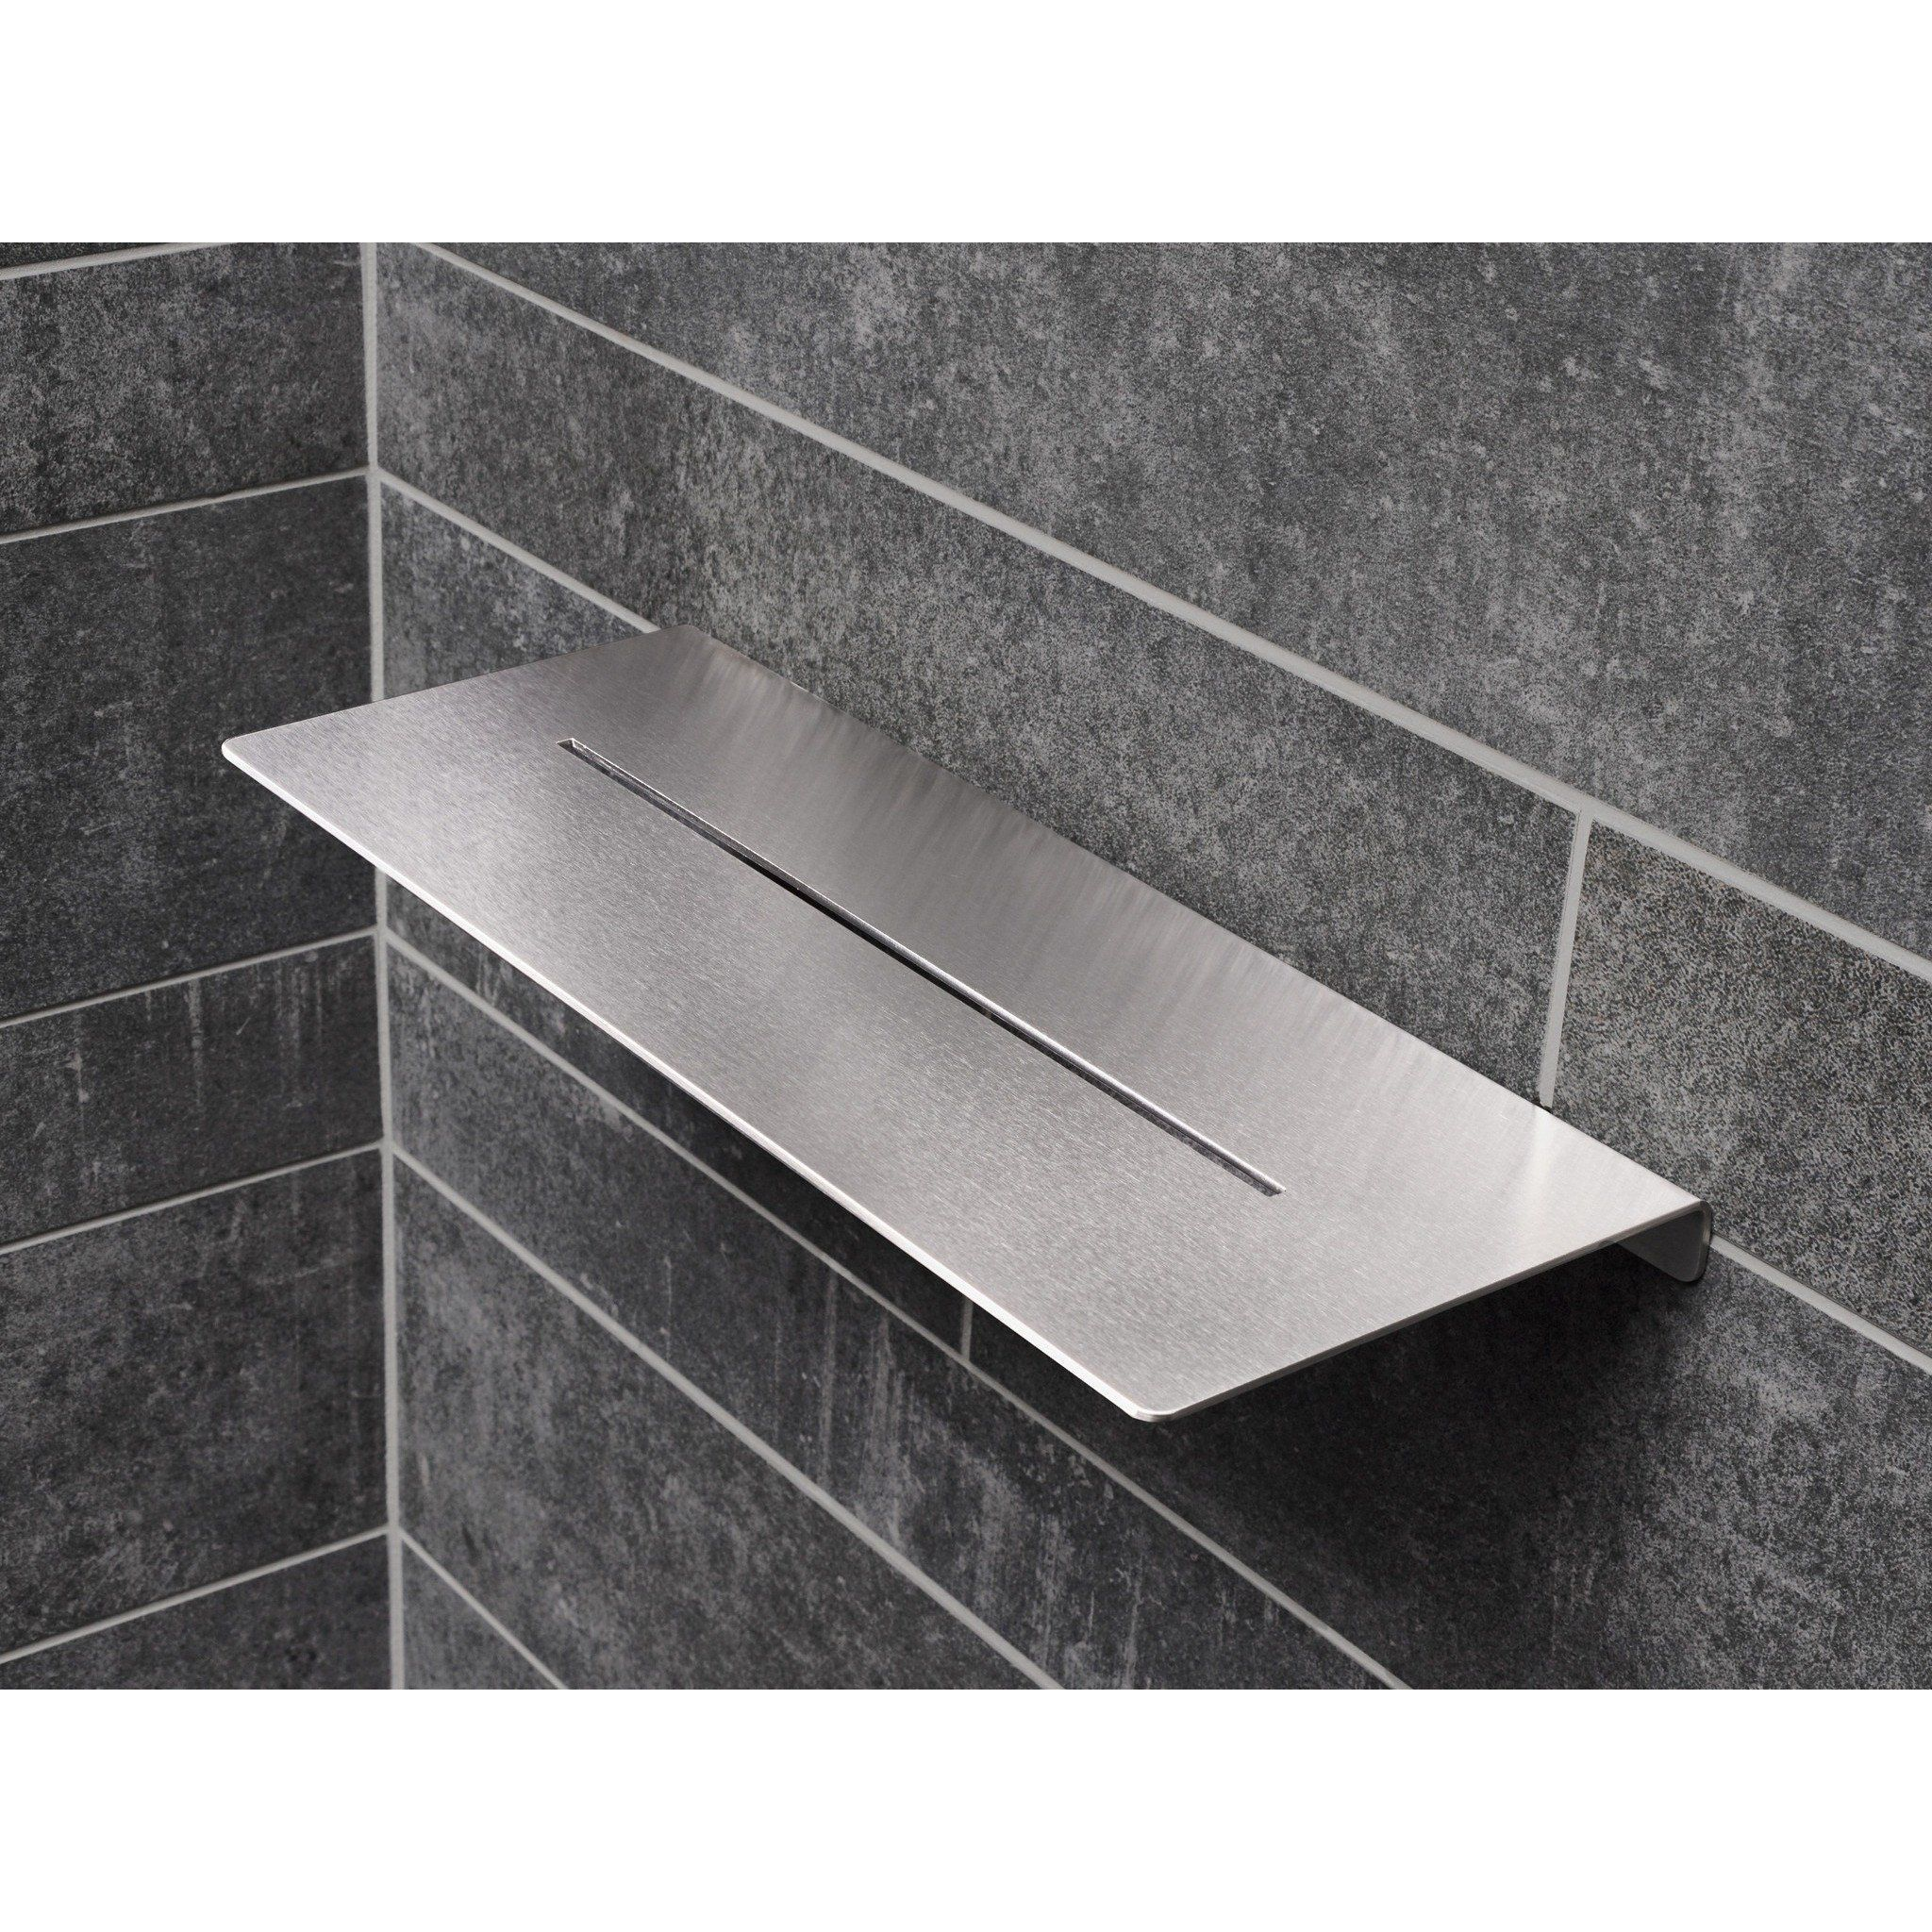 Vorwandelement verkleiden Bath, Smart house and Bath room